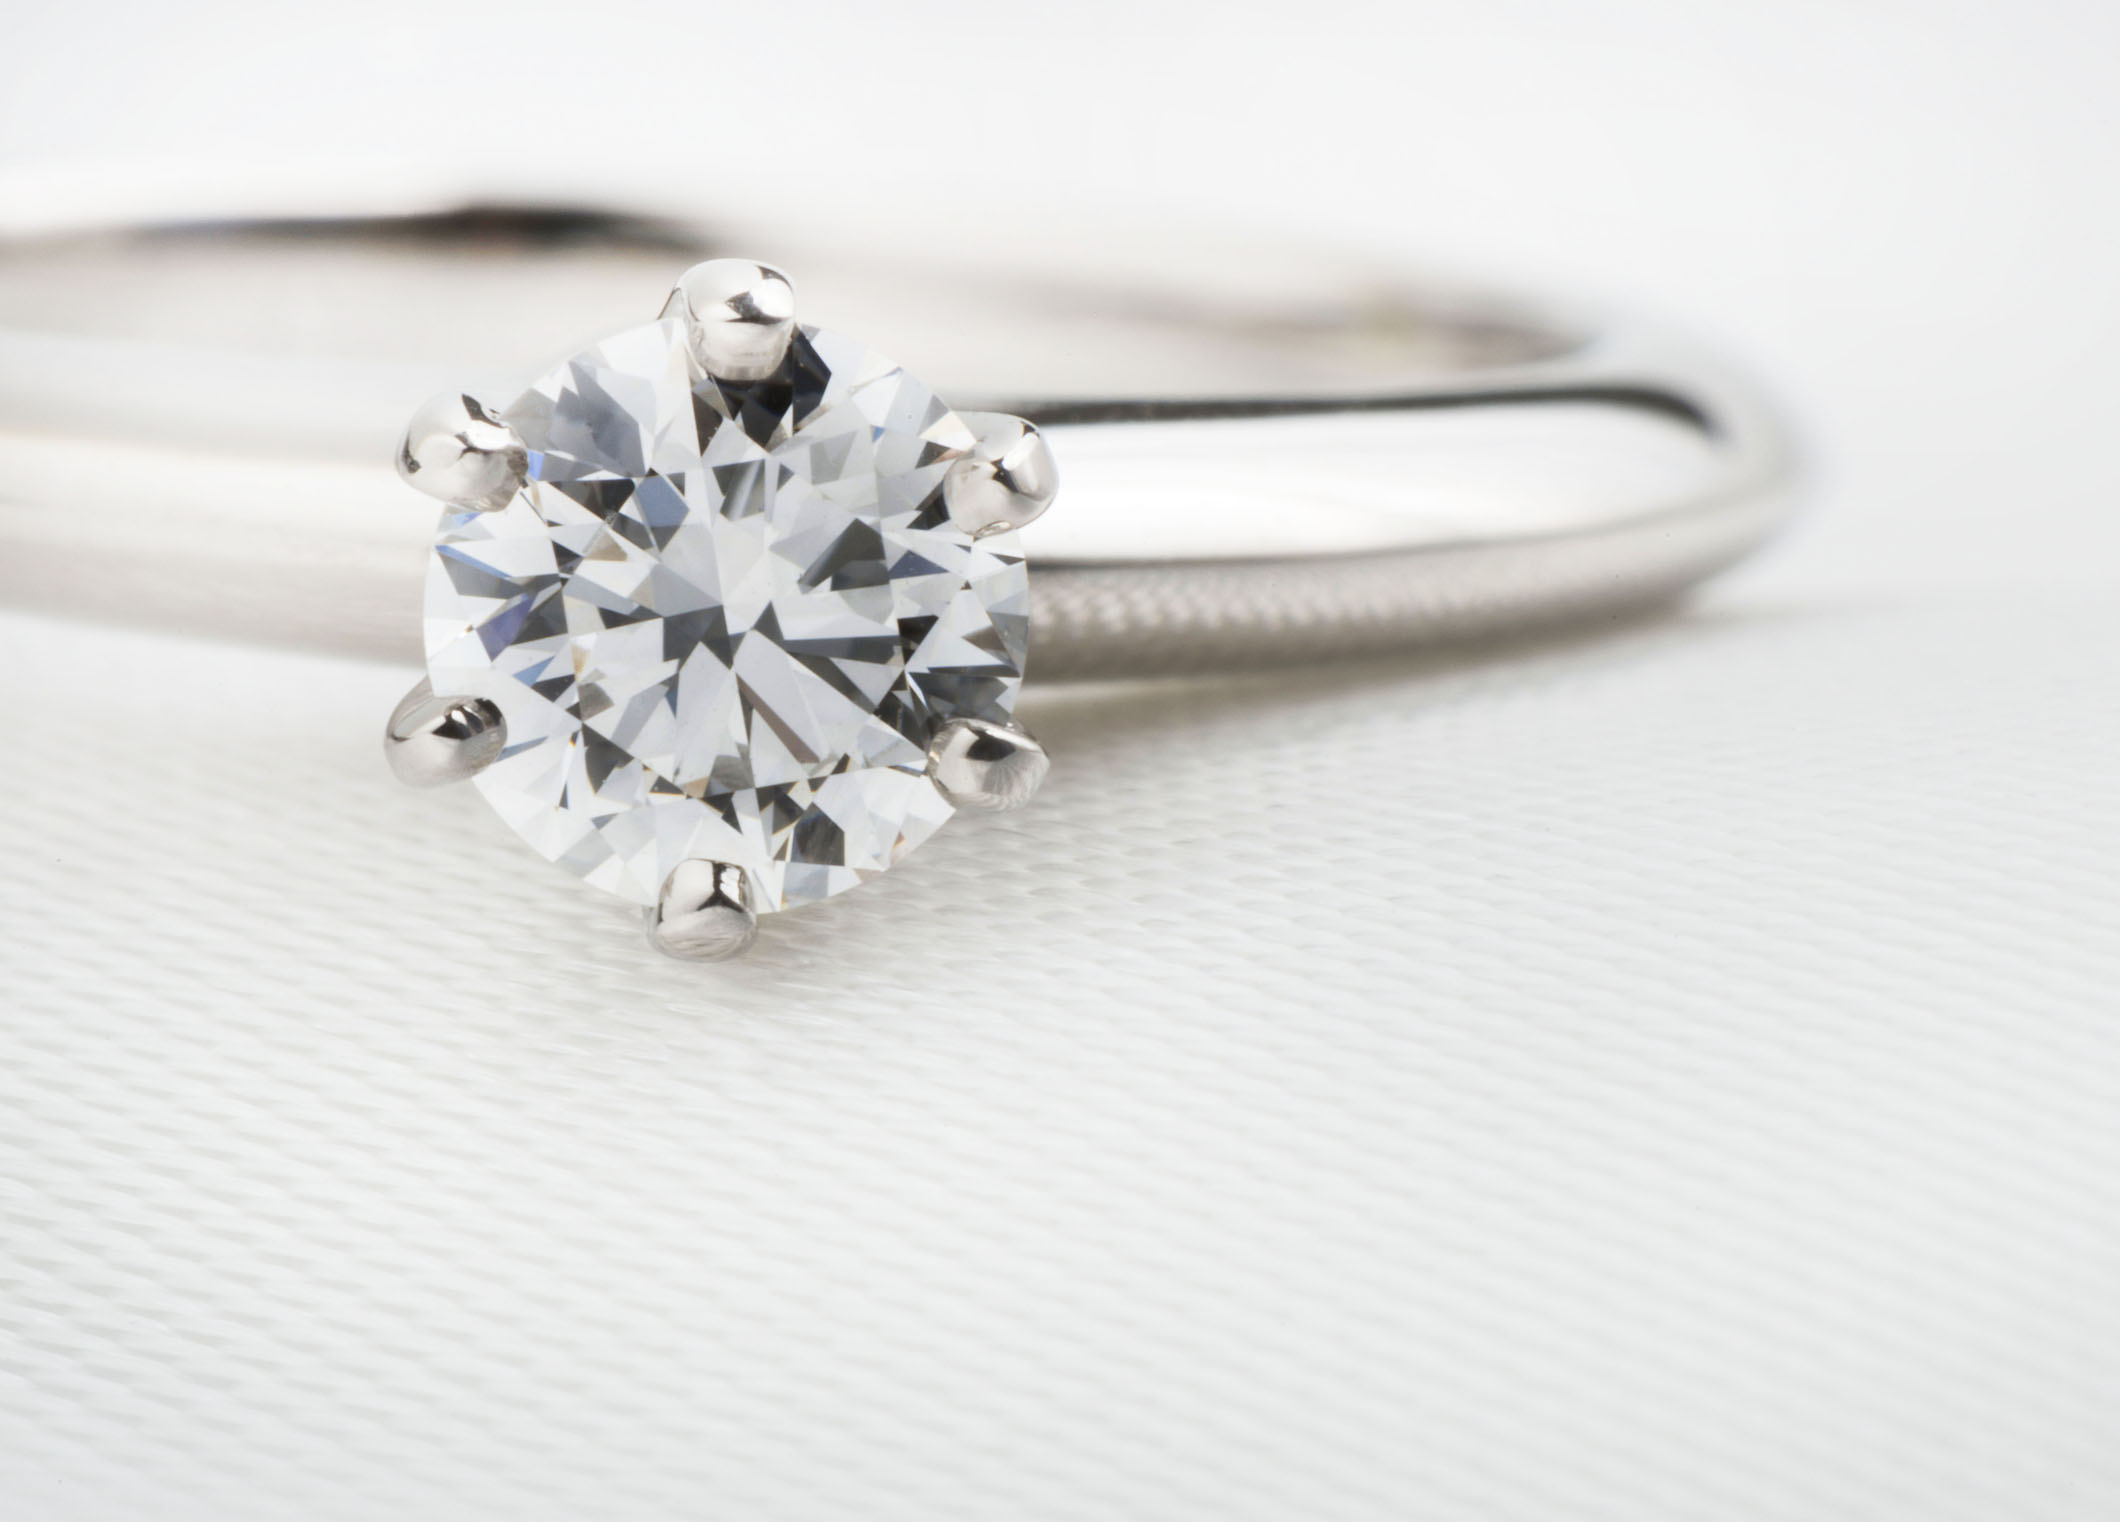 【静岡市】婚約指輪購入の際の心得!リング選びで迷宮入りしないポイントとは?